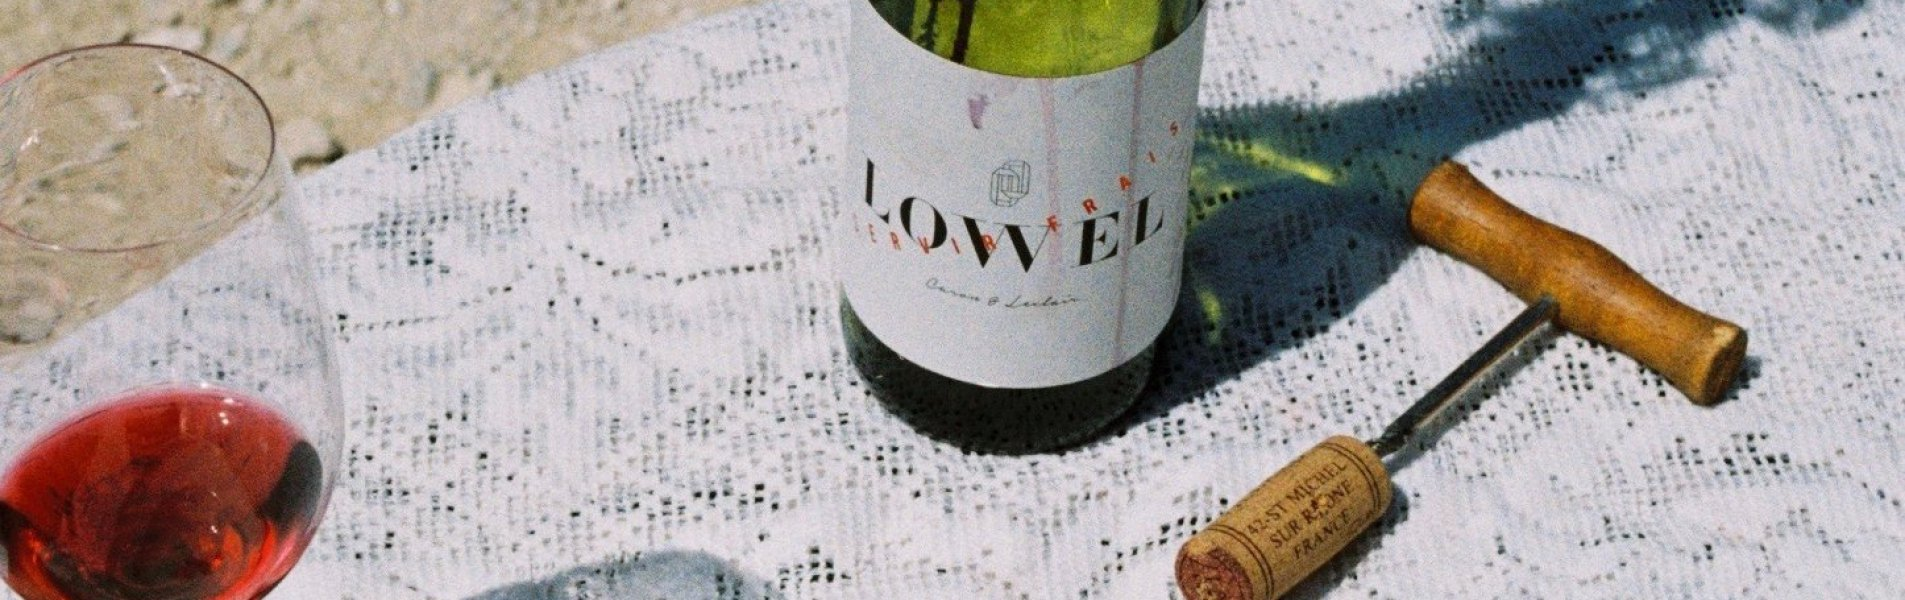 lowel-wijn